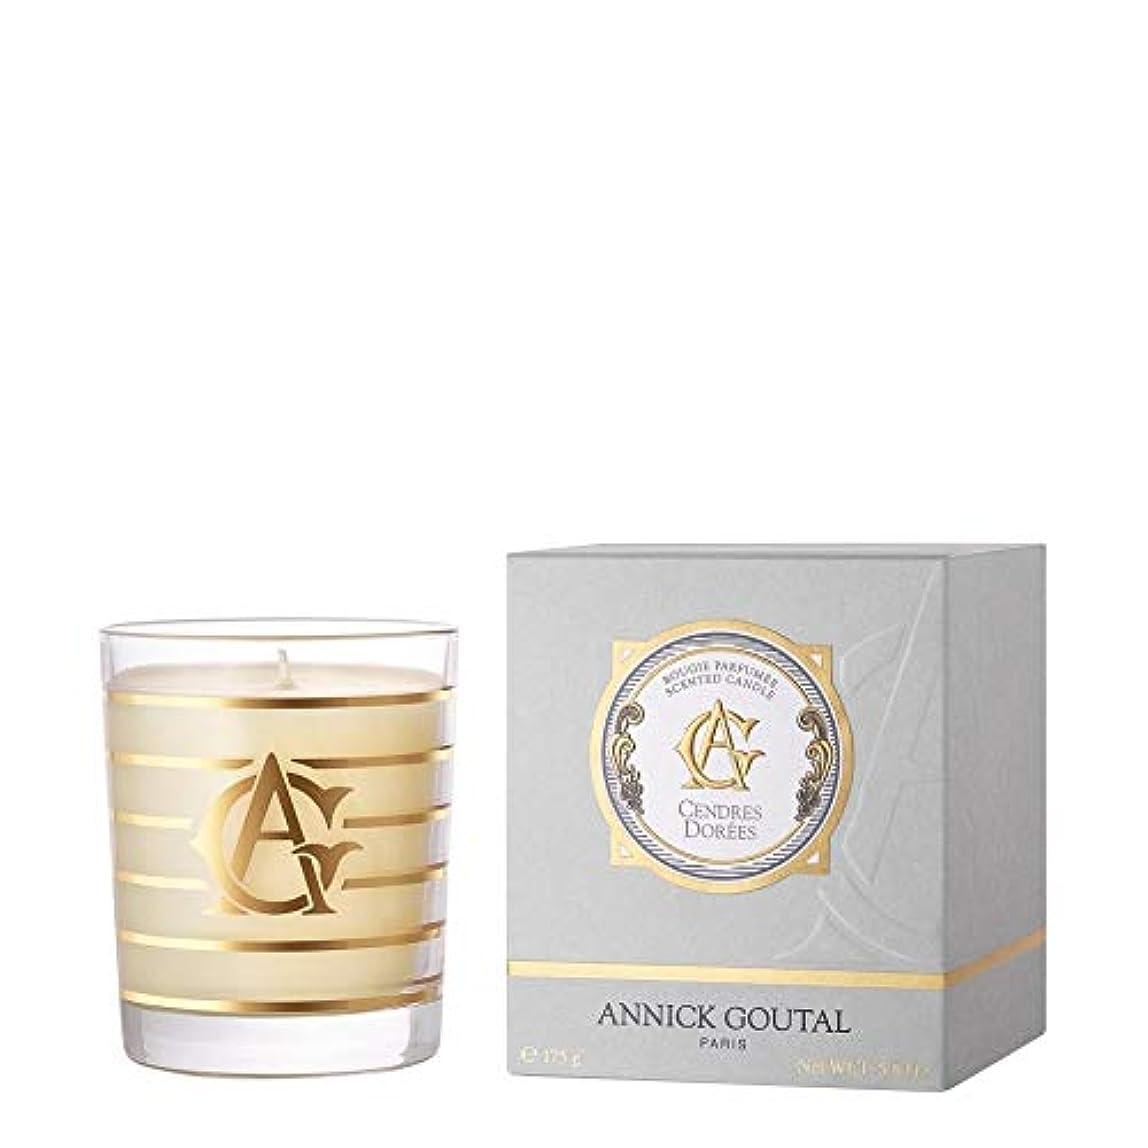 どれでも元に戻すさびた[Annick Goutal ] アニックグタールCendres Dorees香りのキャンドル175グラム - Annick Goutal Cendres Dorees Perfumed Candle 175g [並行輸入品]